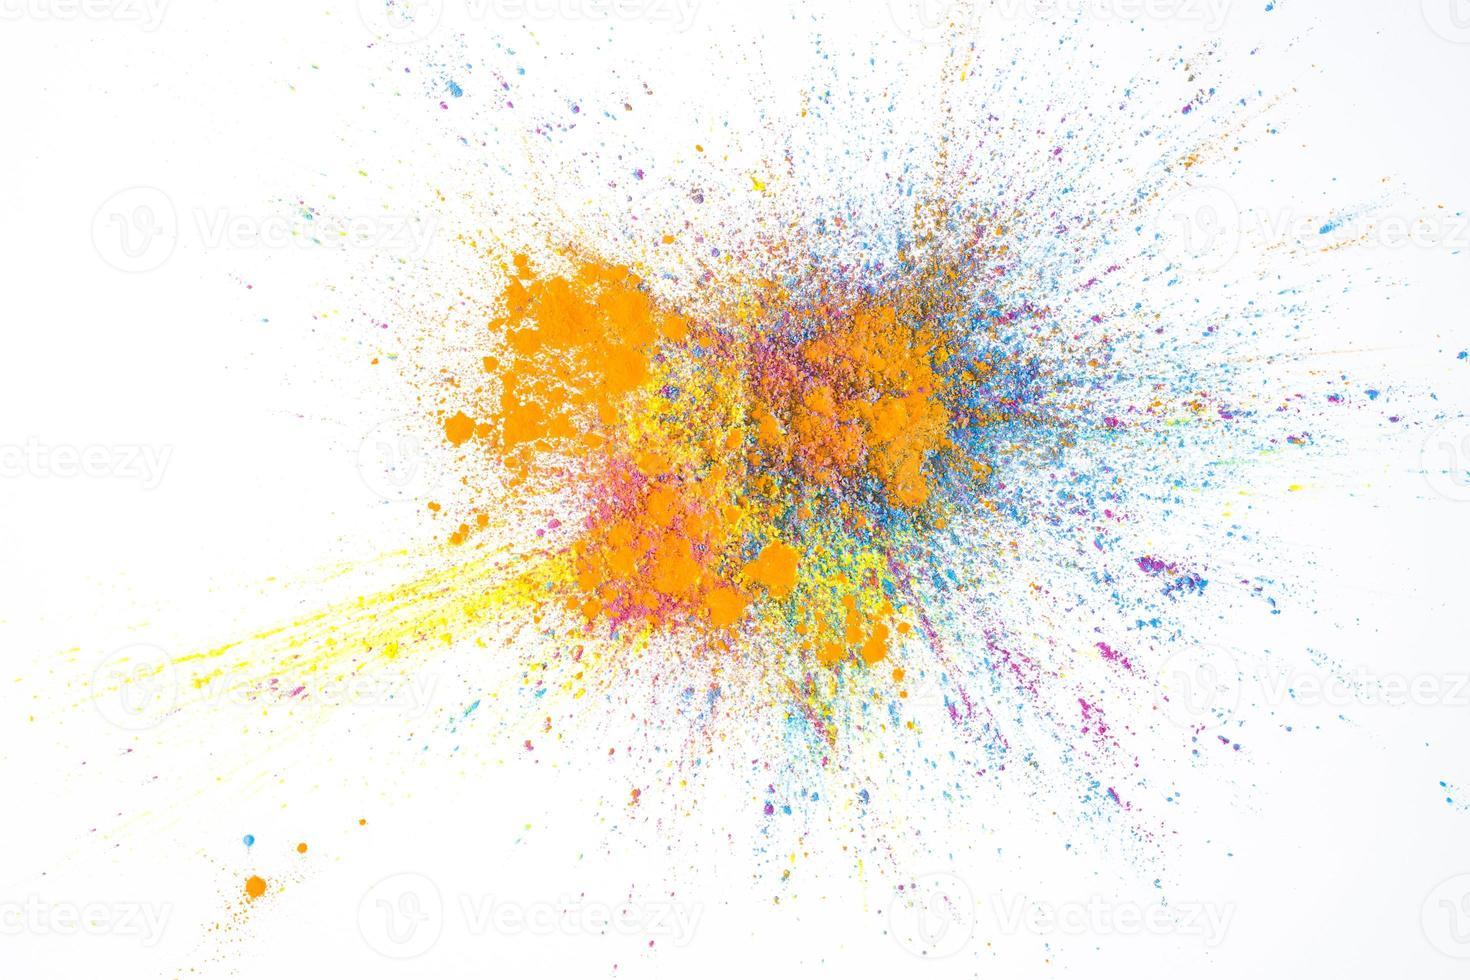 gult, rosa, orange och blått torrt pulver foto